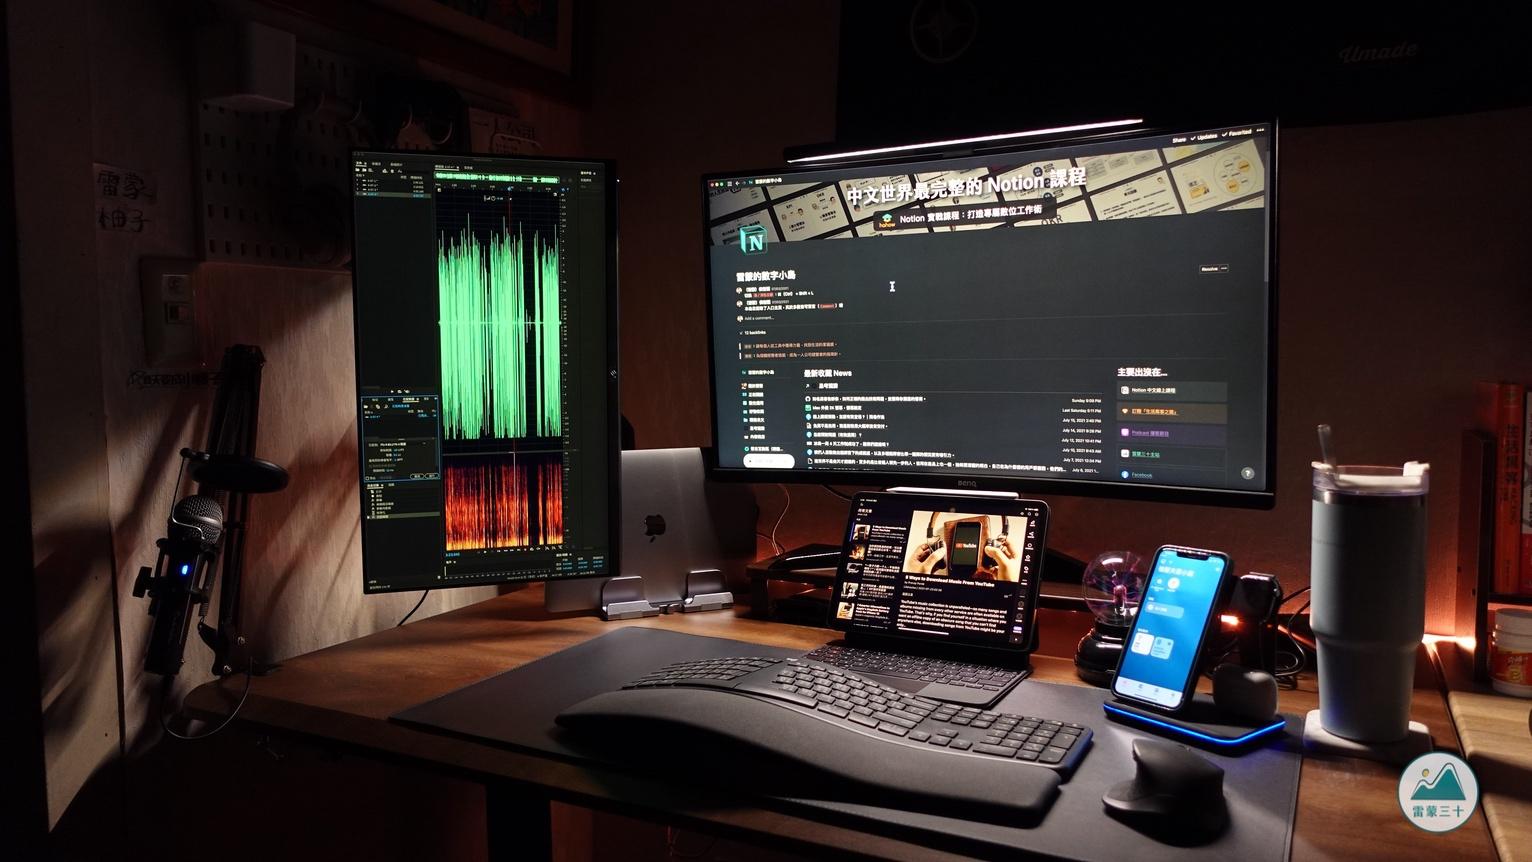 雷蒙的工作桌面佈置 setup workspace